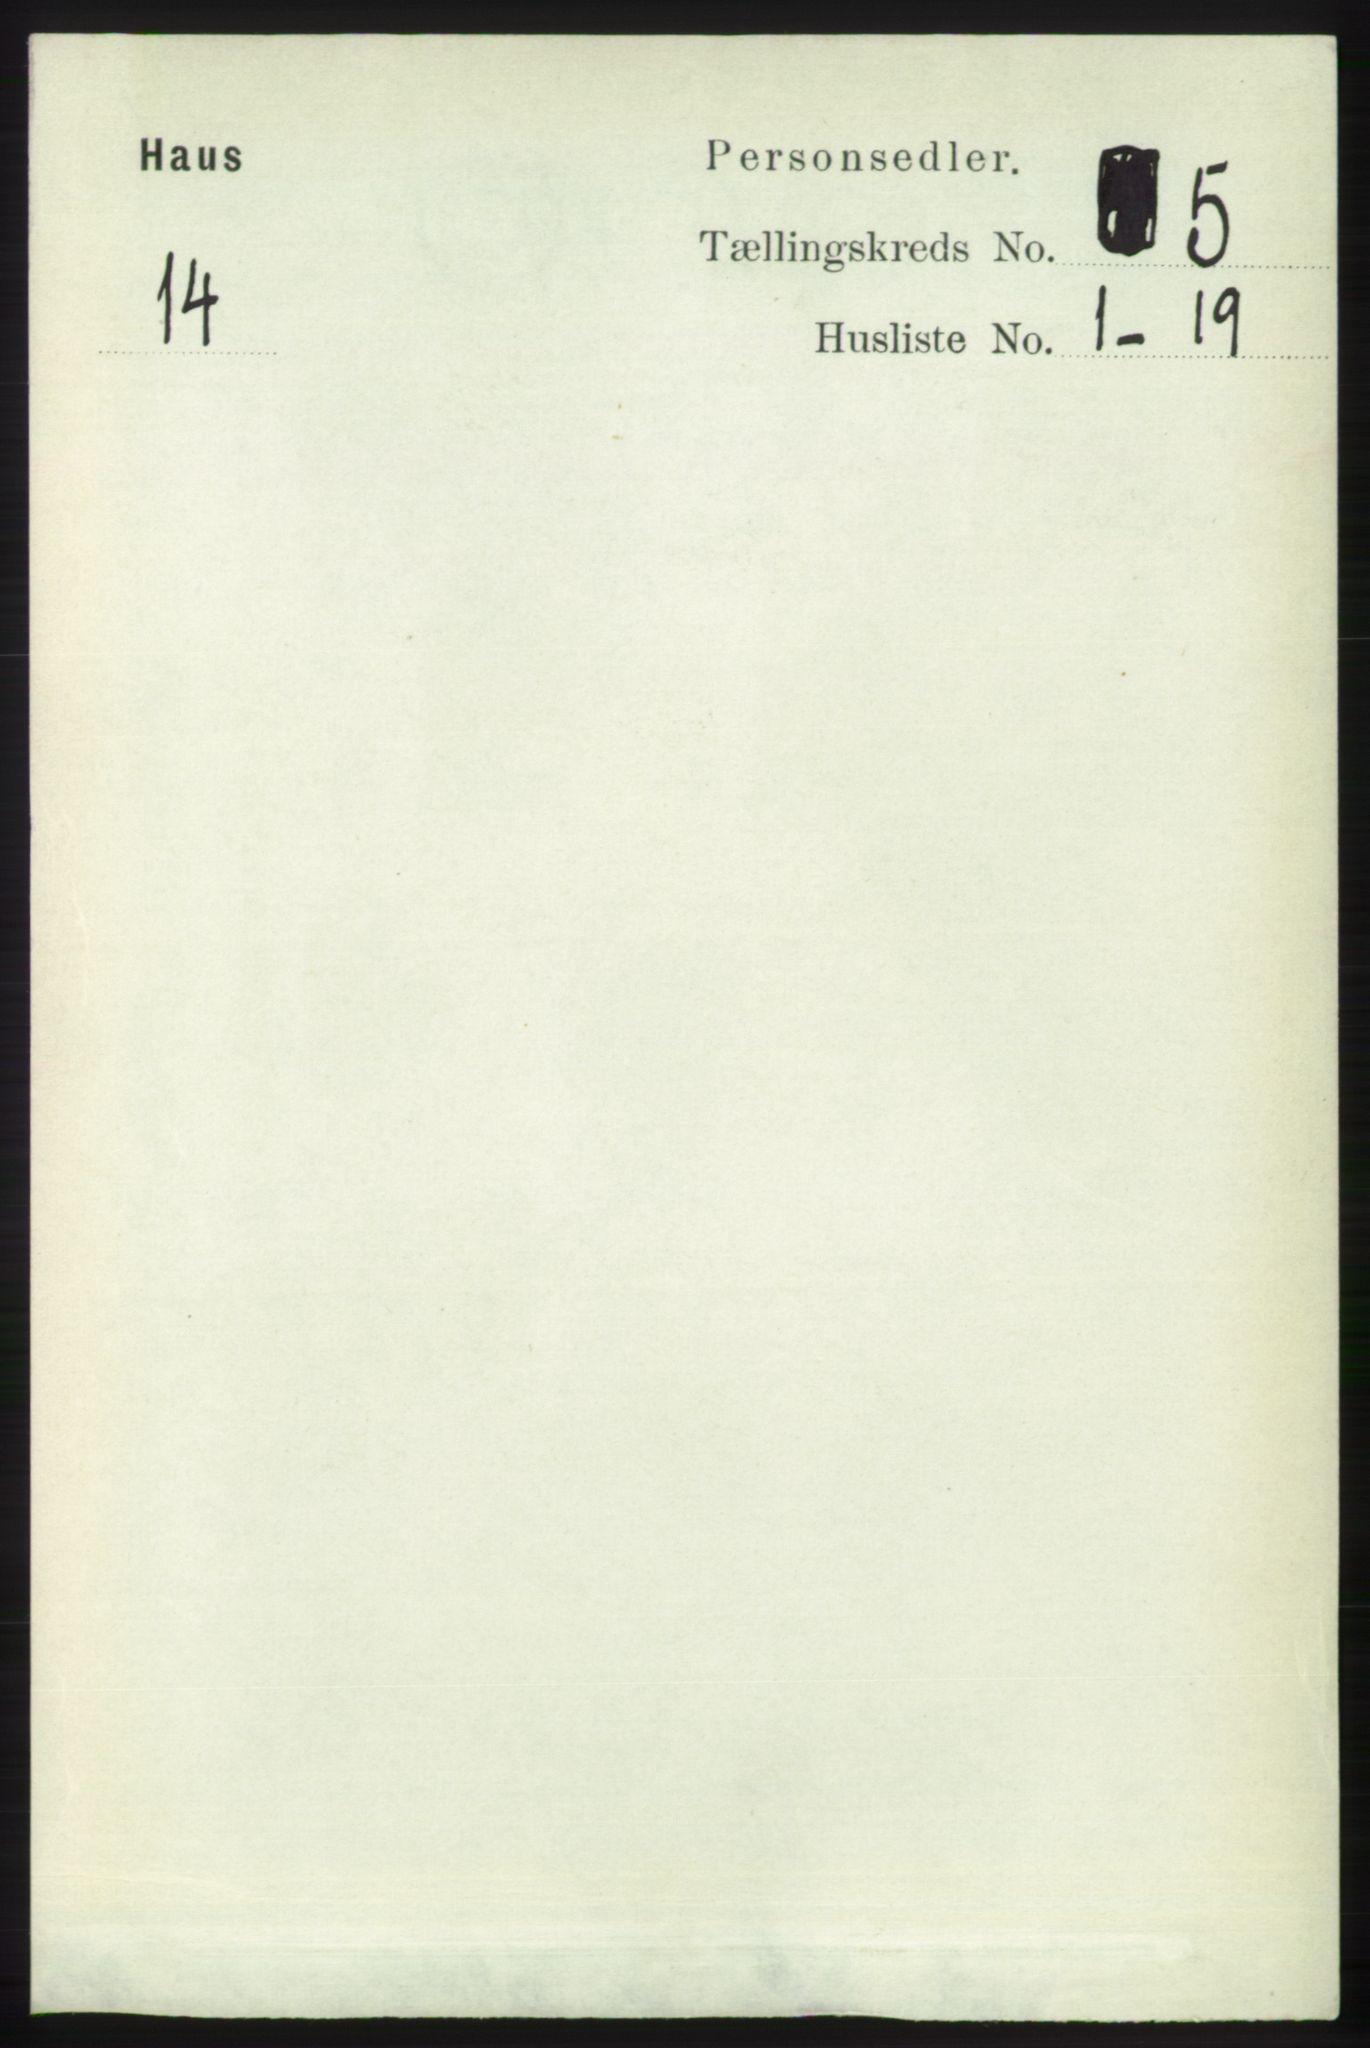 RA, Folketelling 1891 for 1250 Haus herred, 1891, s. 1821